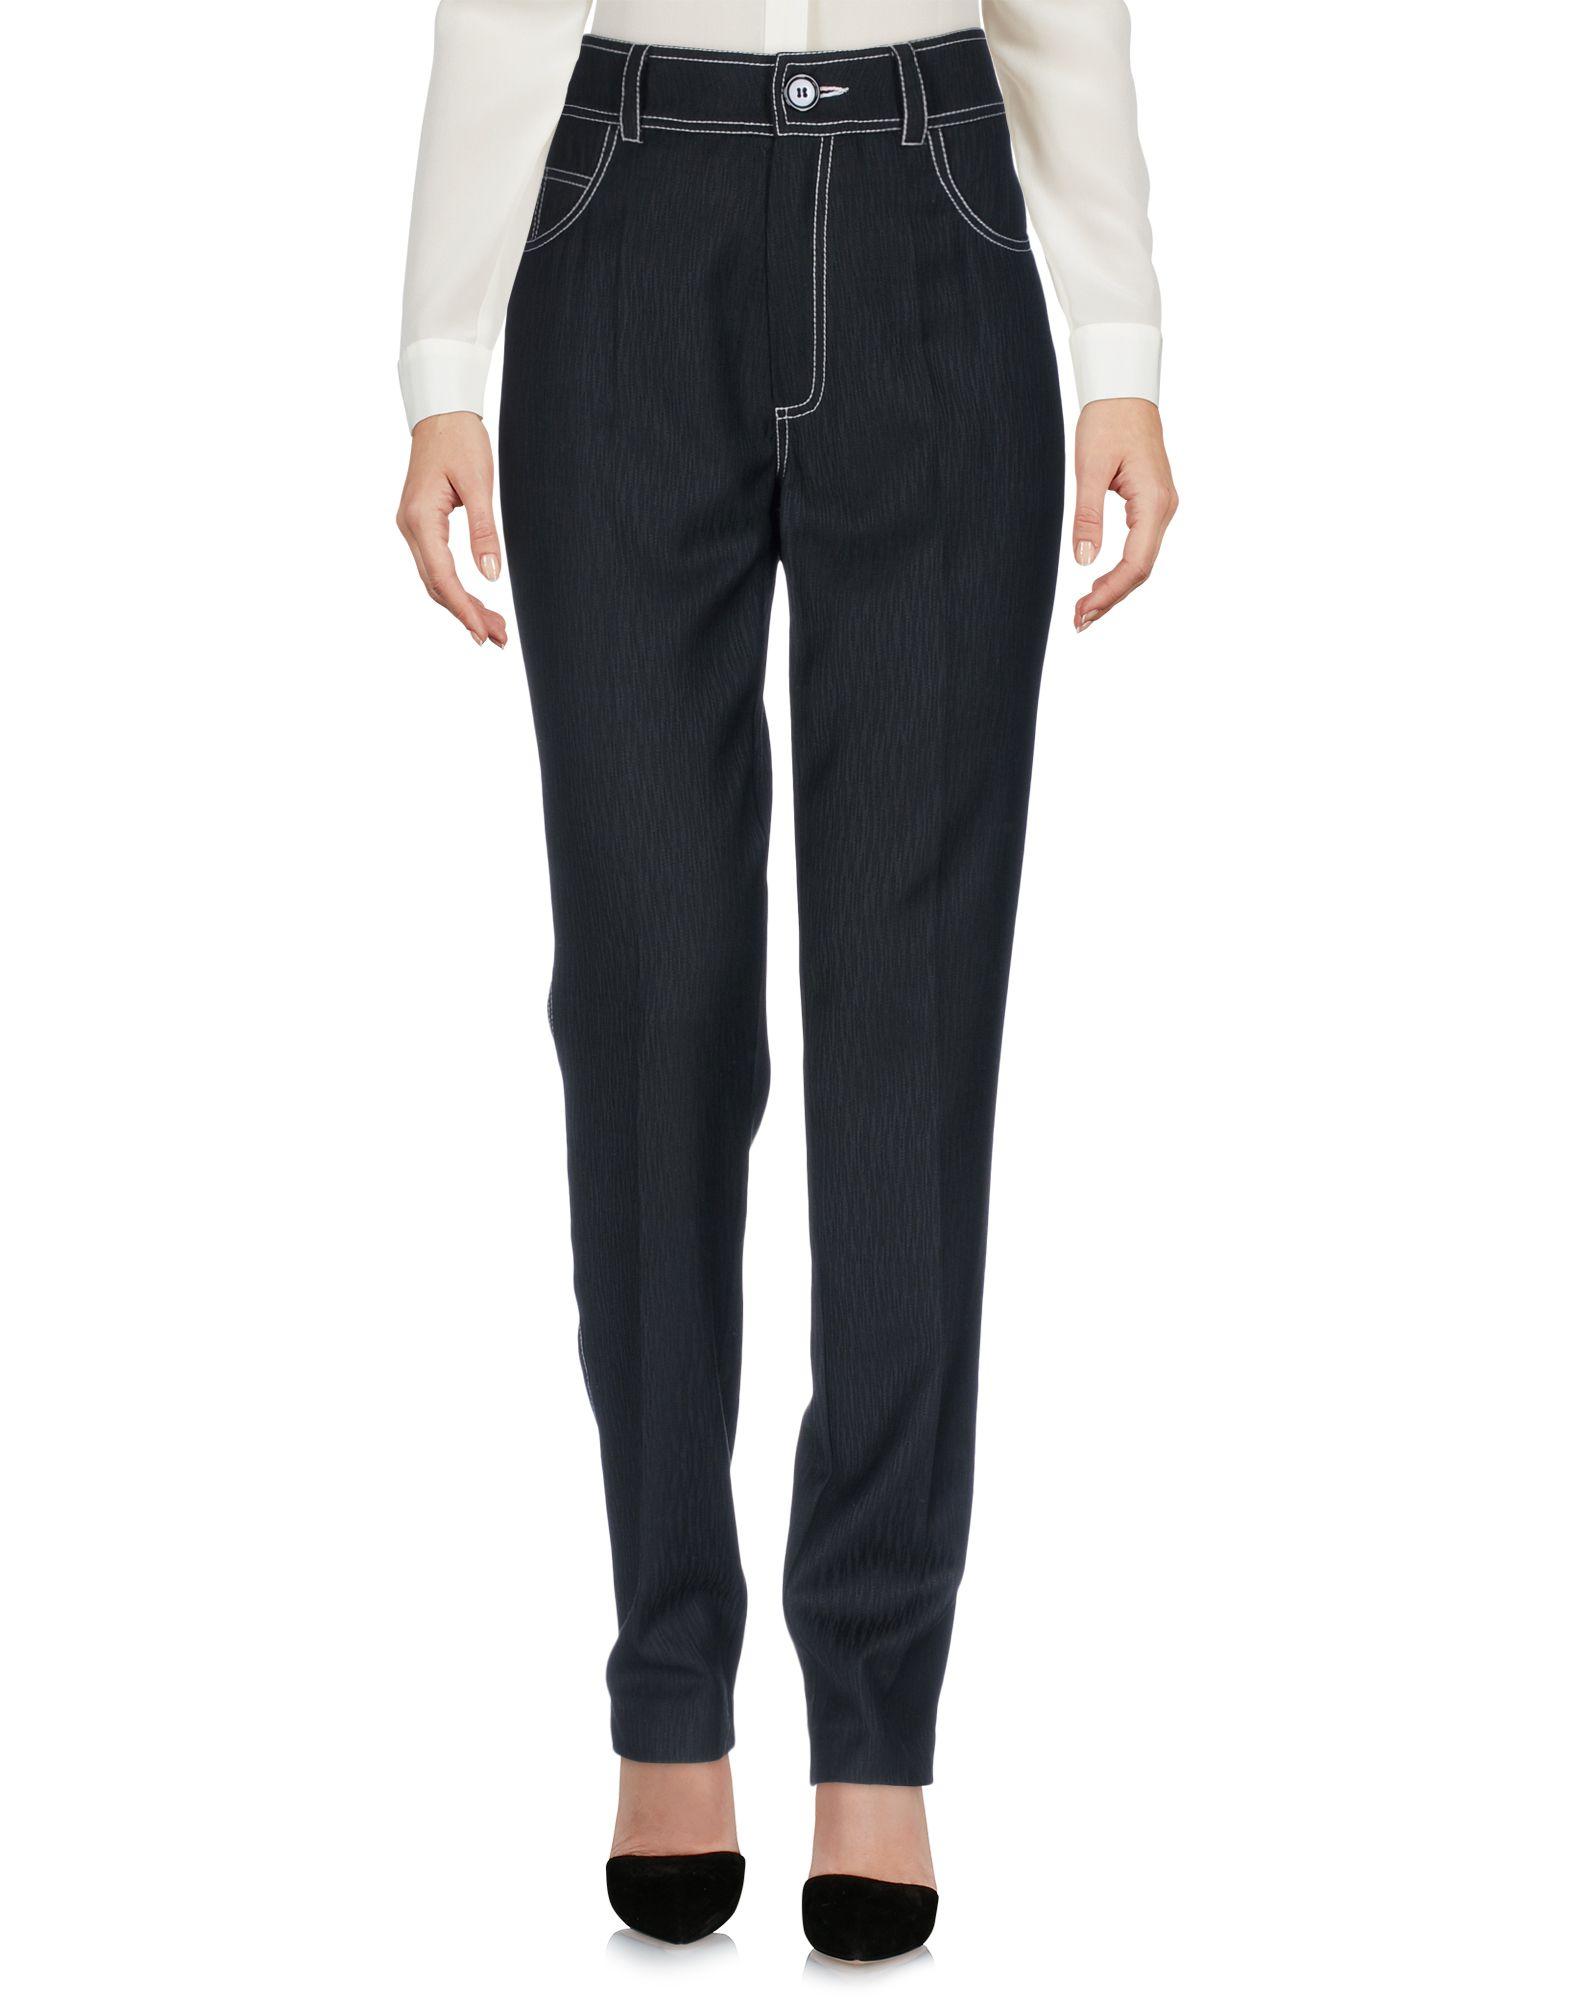 ANNE SOFIE MADSEN Casual Pants in Black